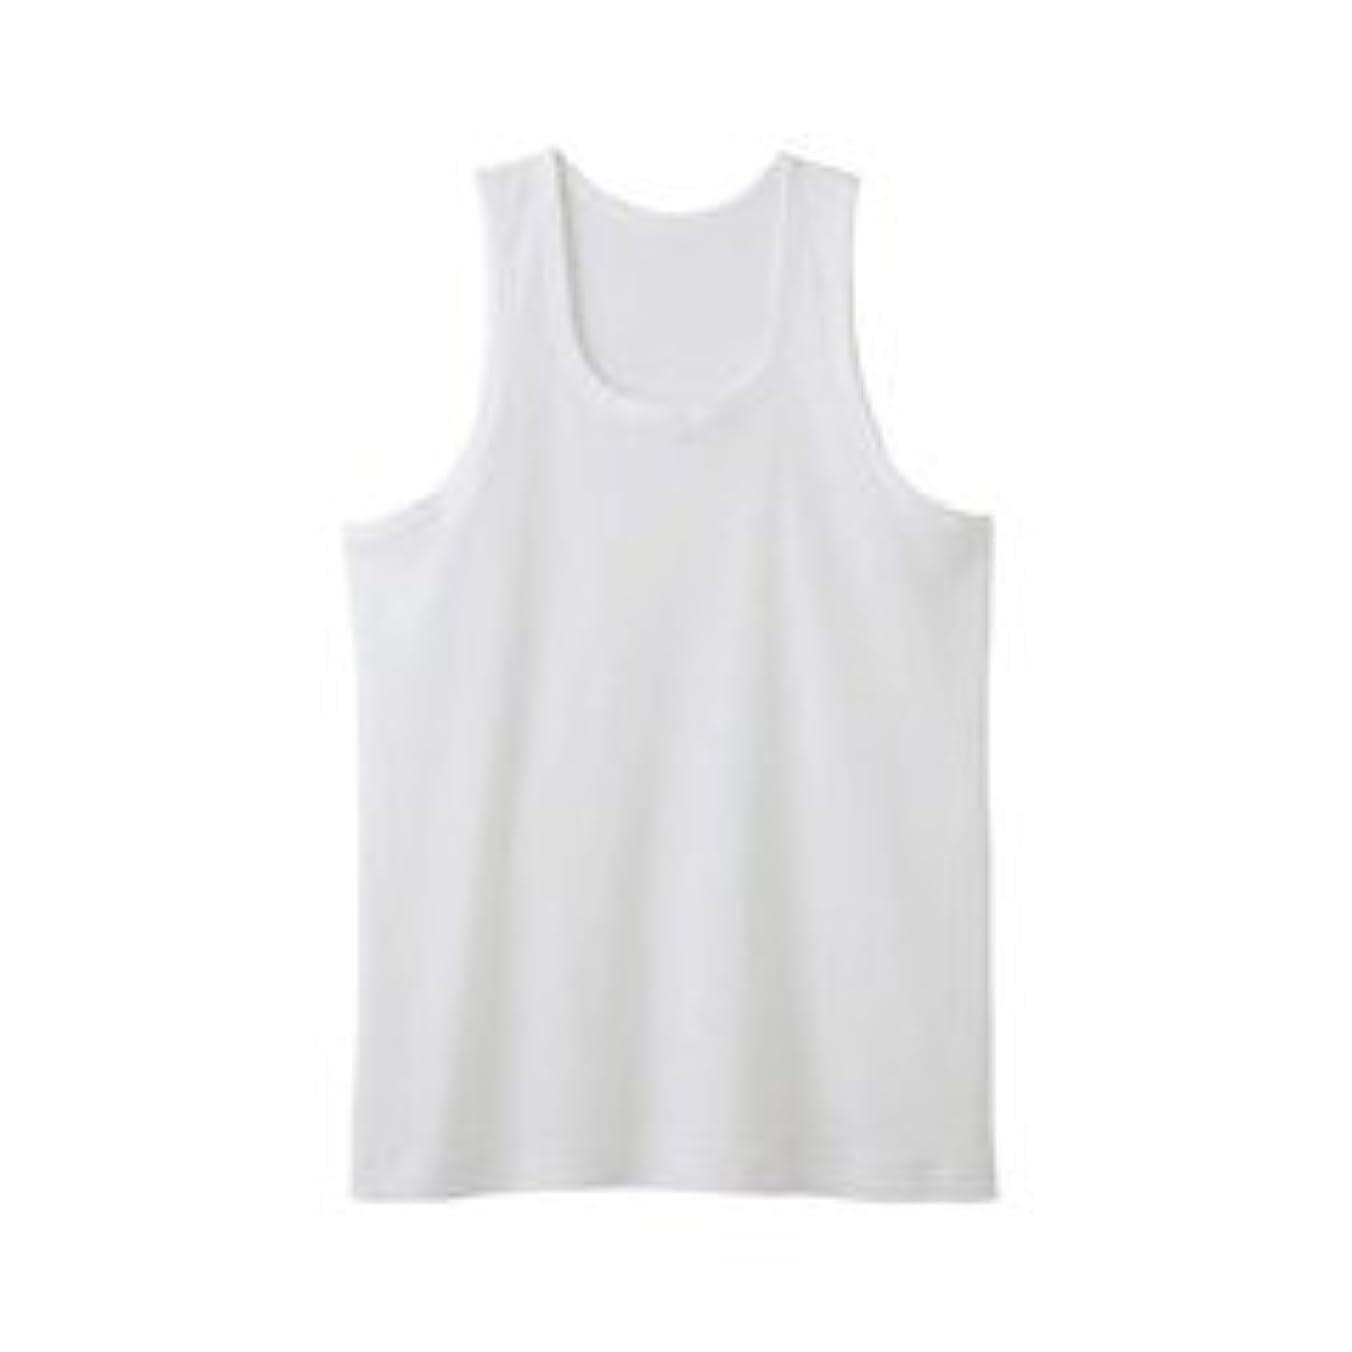 業界選ぶ一杯グンゼ GUNZE RC2420A-03-L シーズン涼感平台 抗菌防臭 ランニングシャツ(2枚組) L ホワイト/メンズ